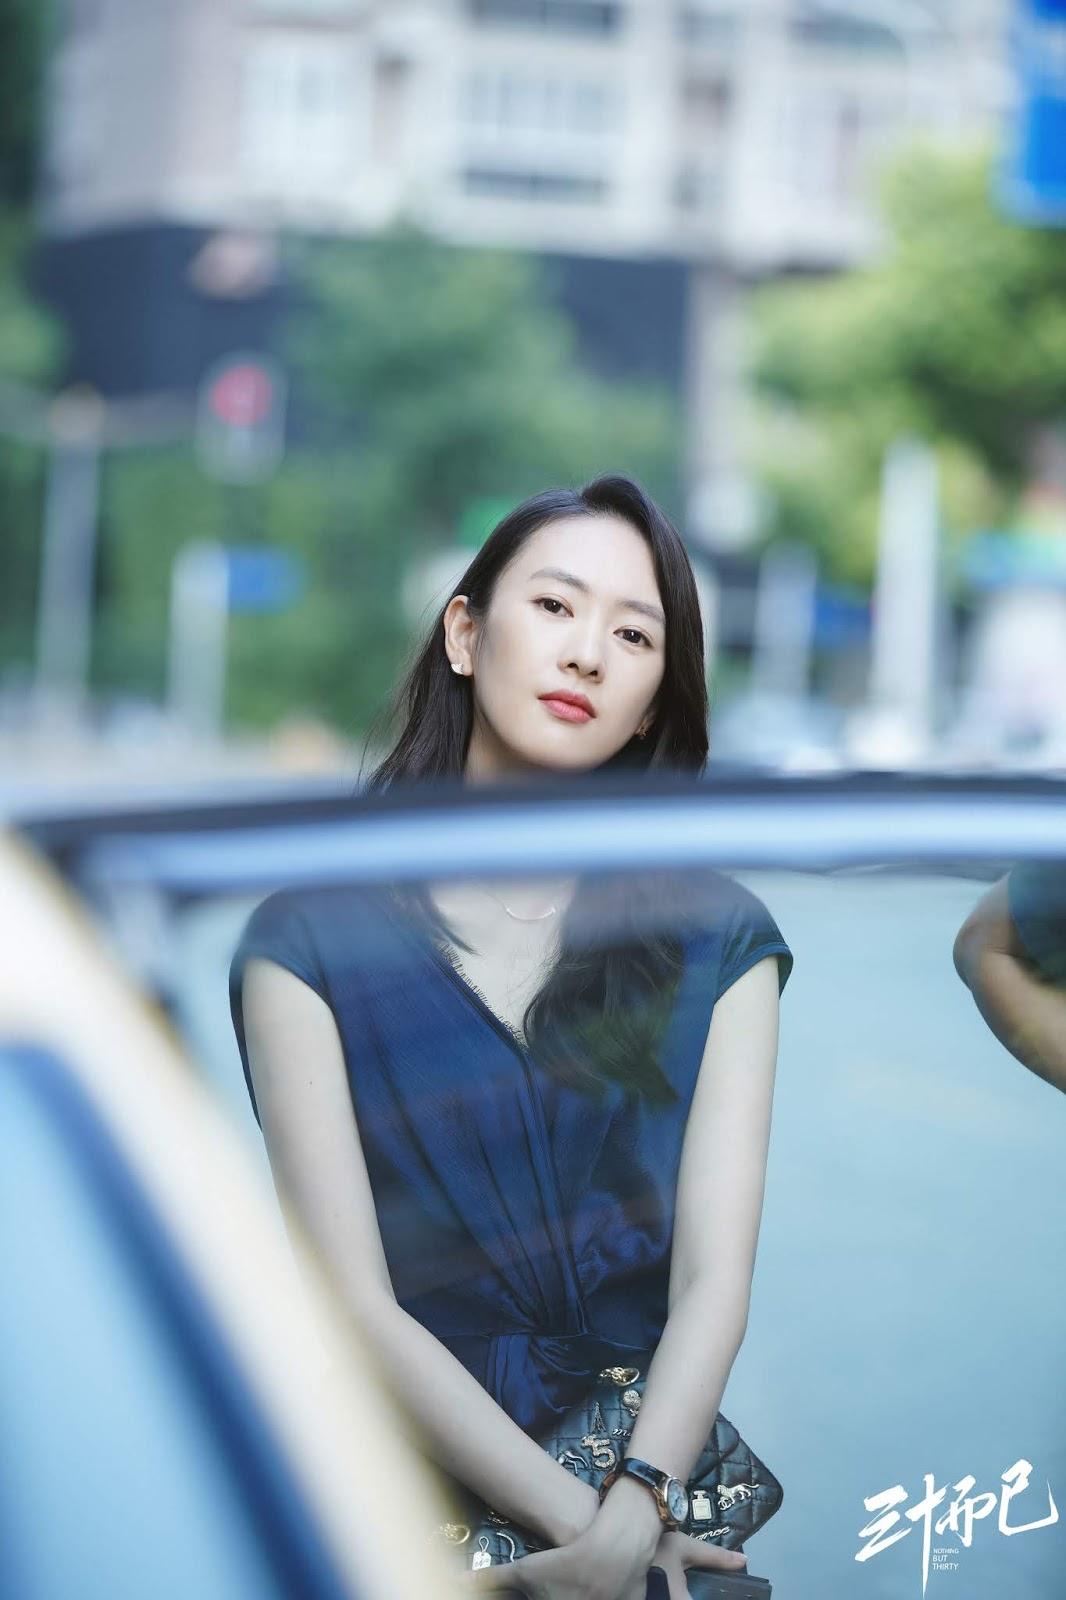 Đồng Dao mặc đầm xanh, đeo túi Chanel trong 30 chưa phải hết